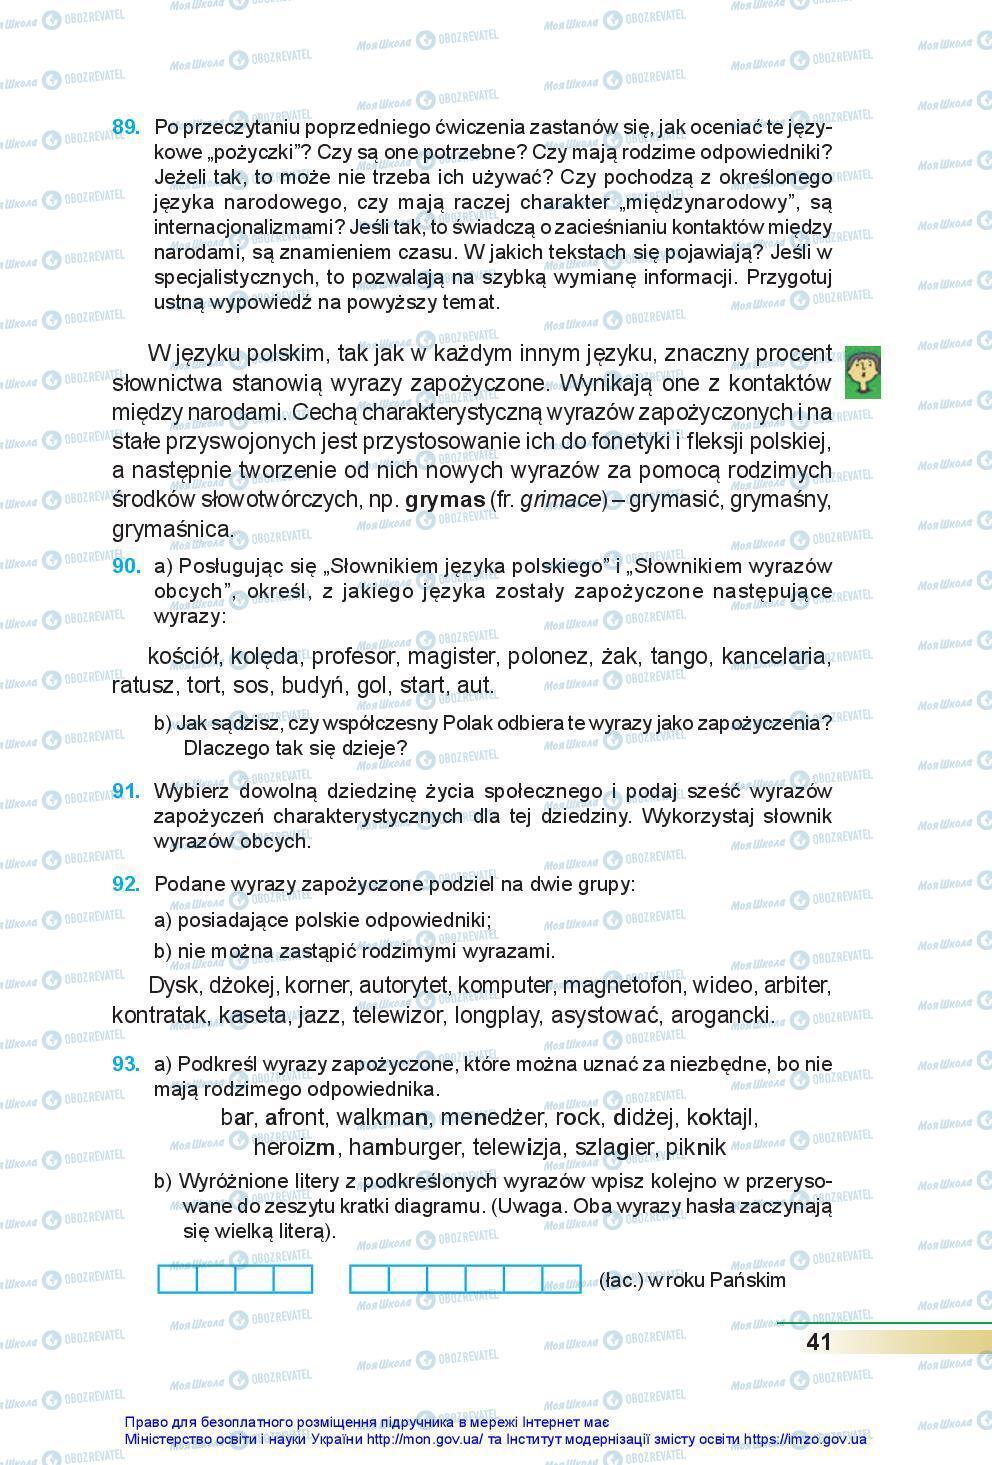 Підручники Польська мова 7 клас сторінка 41